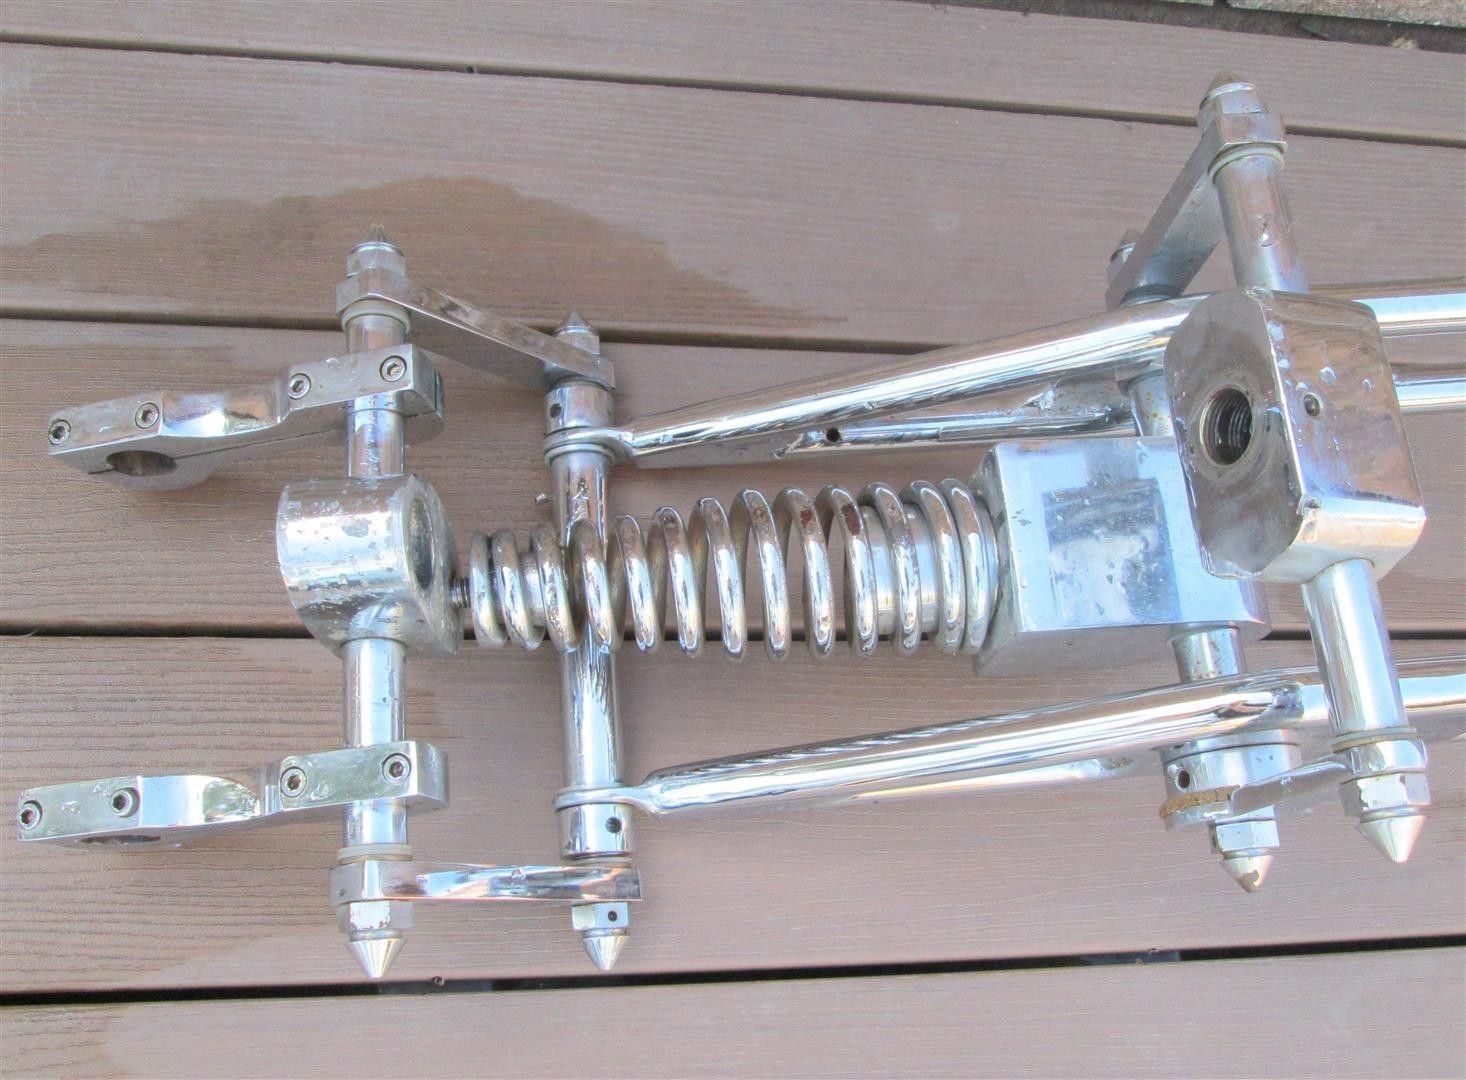 Vintage Motorcycle Extended Fork Springer Front End Girder Harley Indian Triumph | eBay